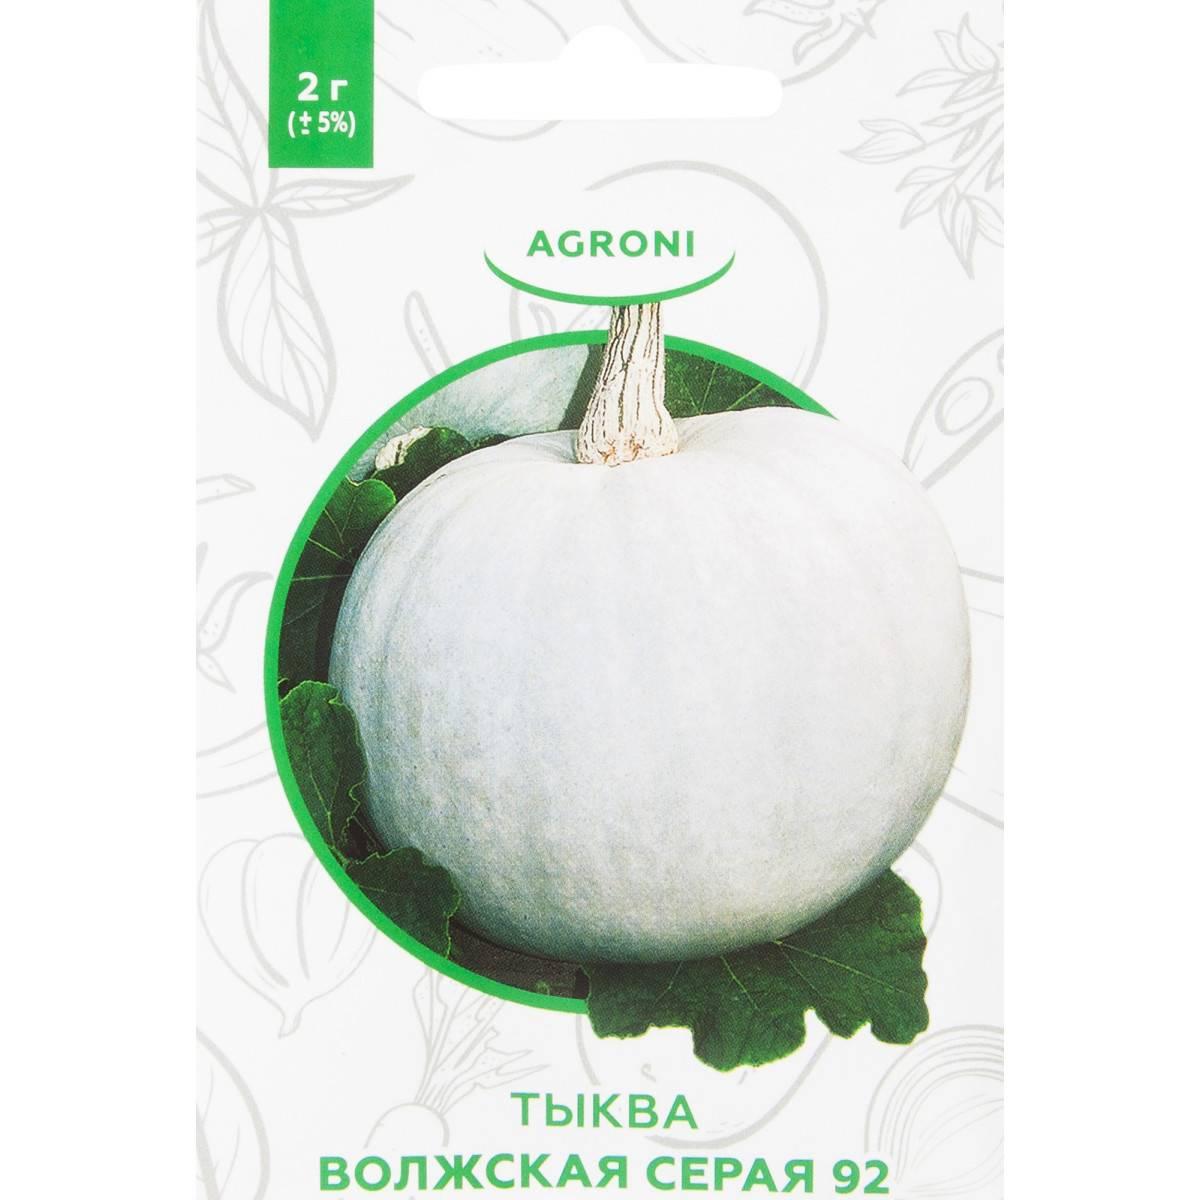 Тыква волжская серая 92 «кольчуга new»